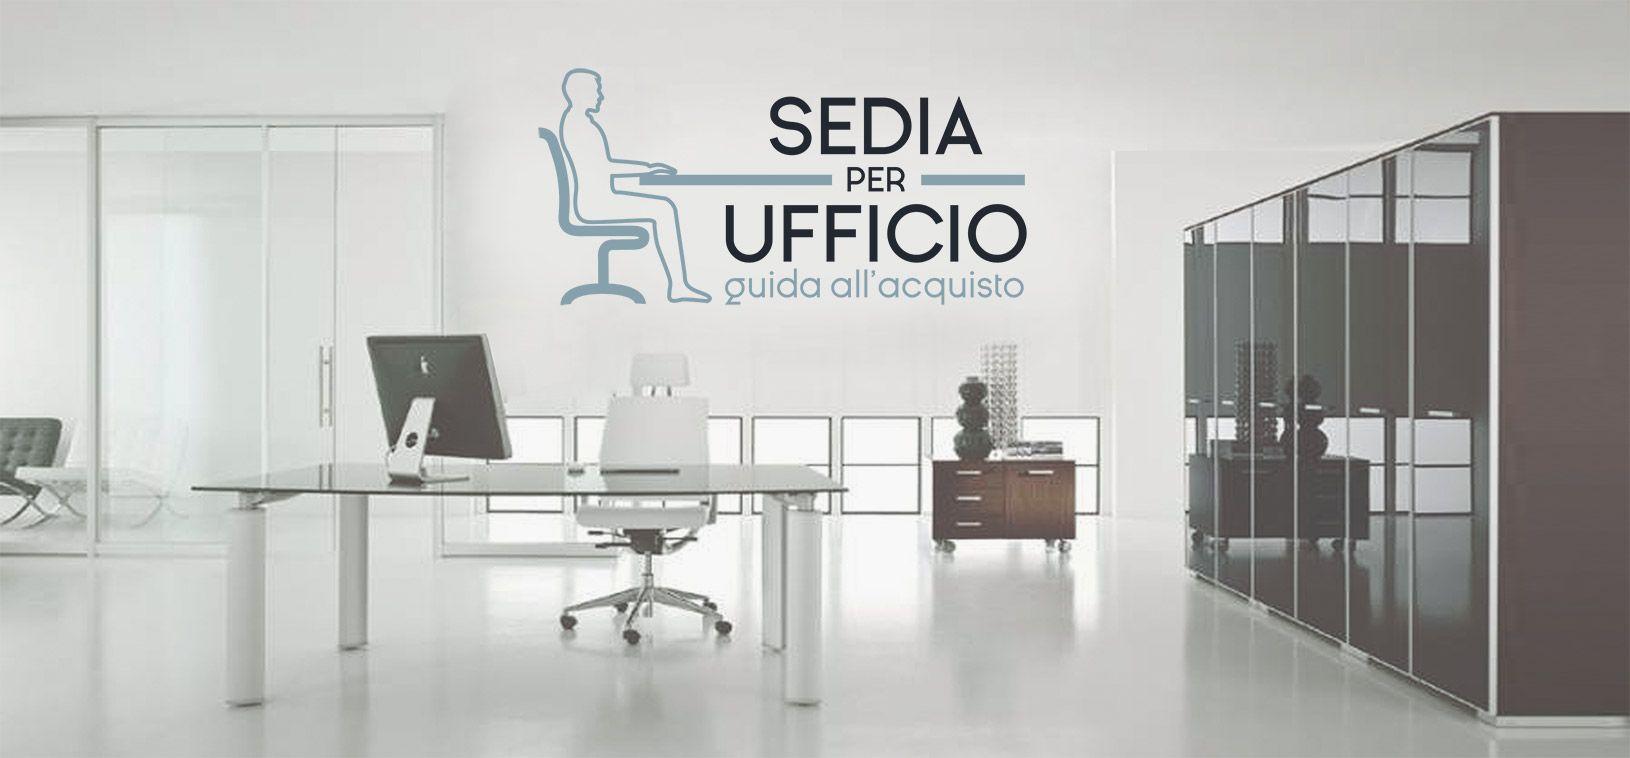 Le Migliori Sedie Da Ufficio Recensioni E Guide All